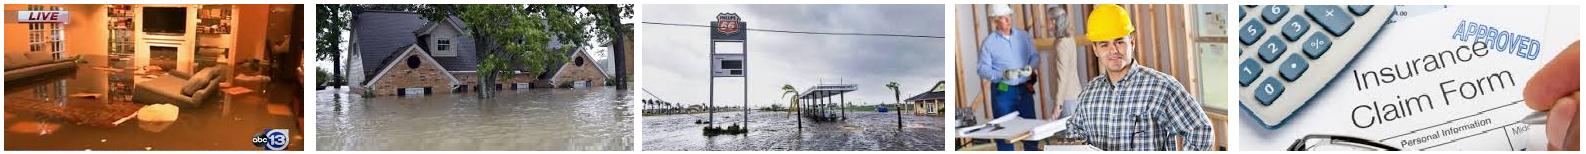 Storm Damage Flooding Restoration Contractors Houston - UniqueBuilders